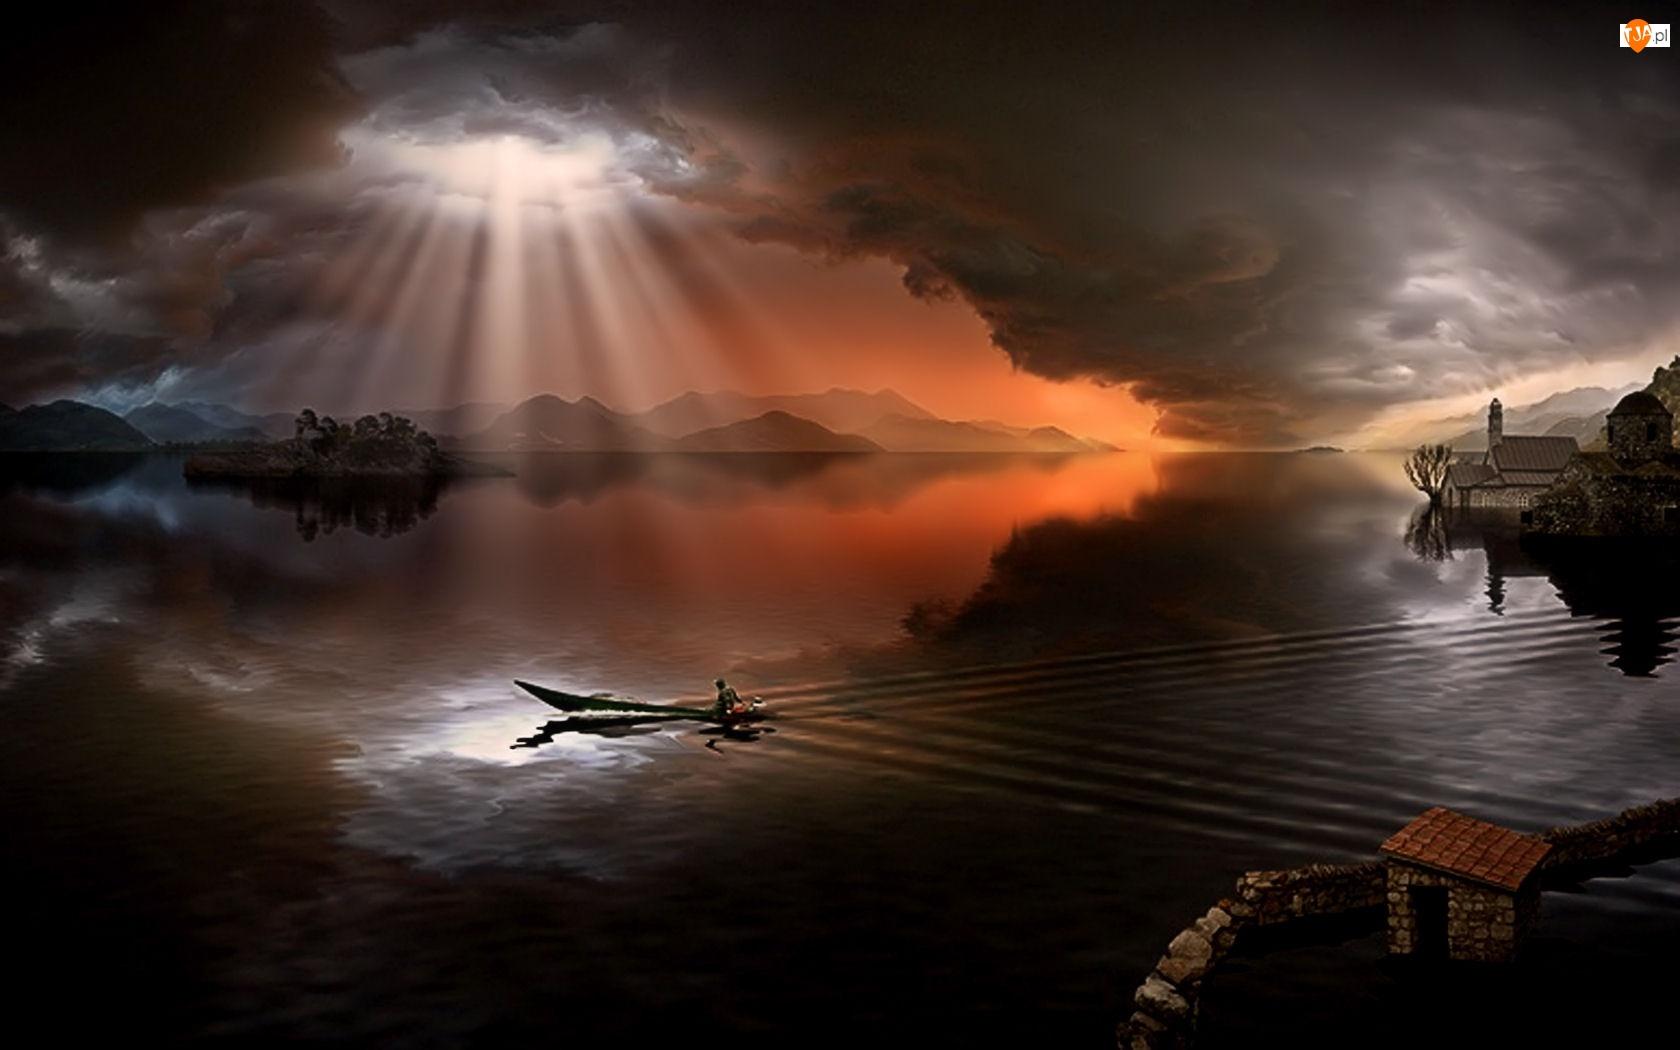 Światło, Jezioro, Przebijające